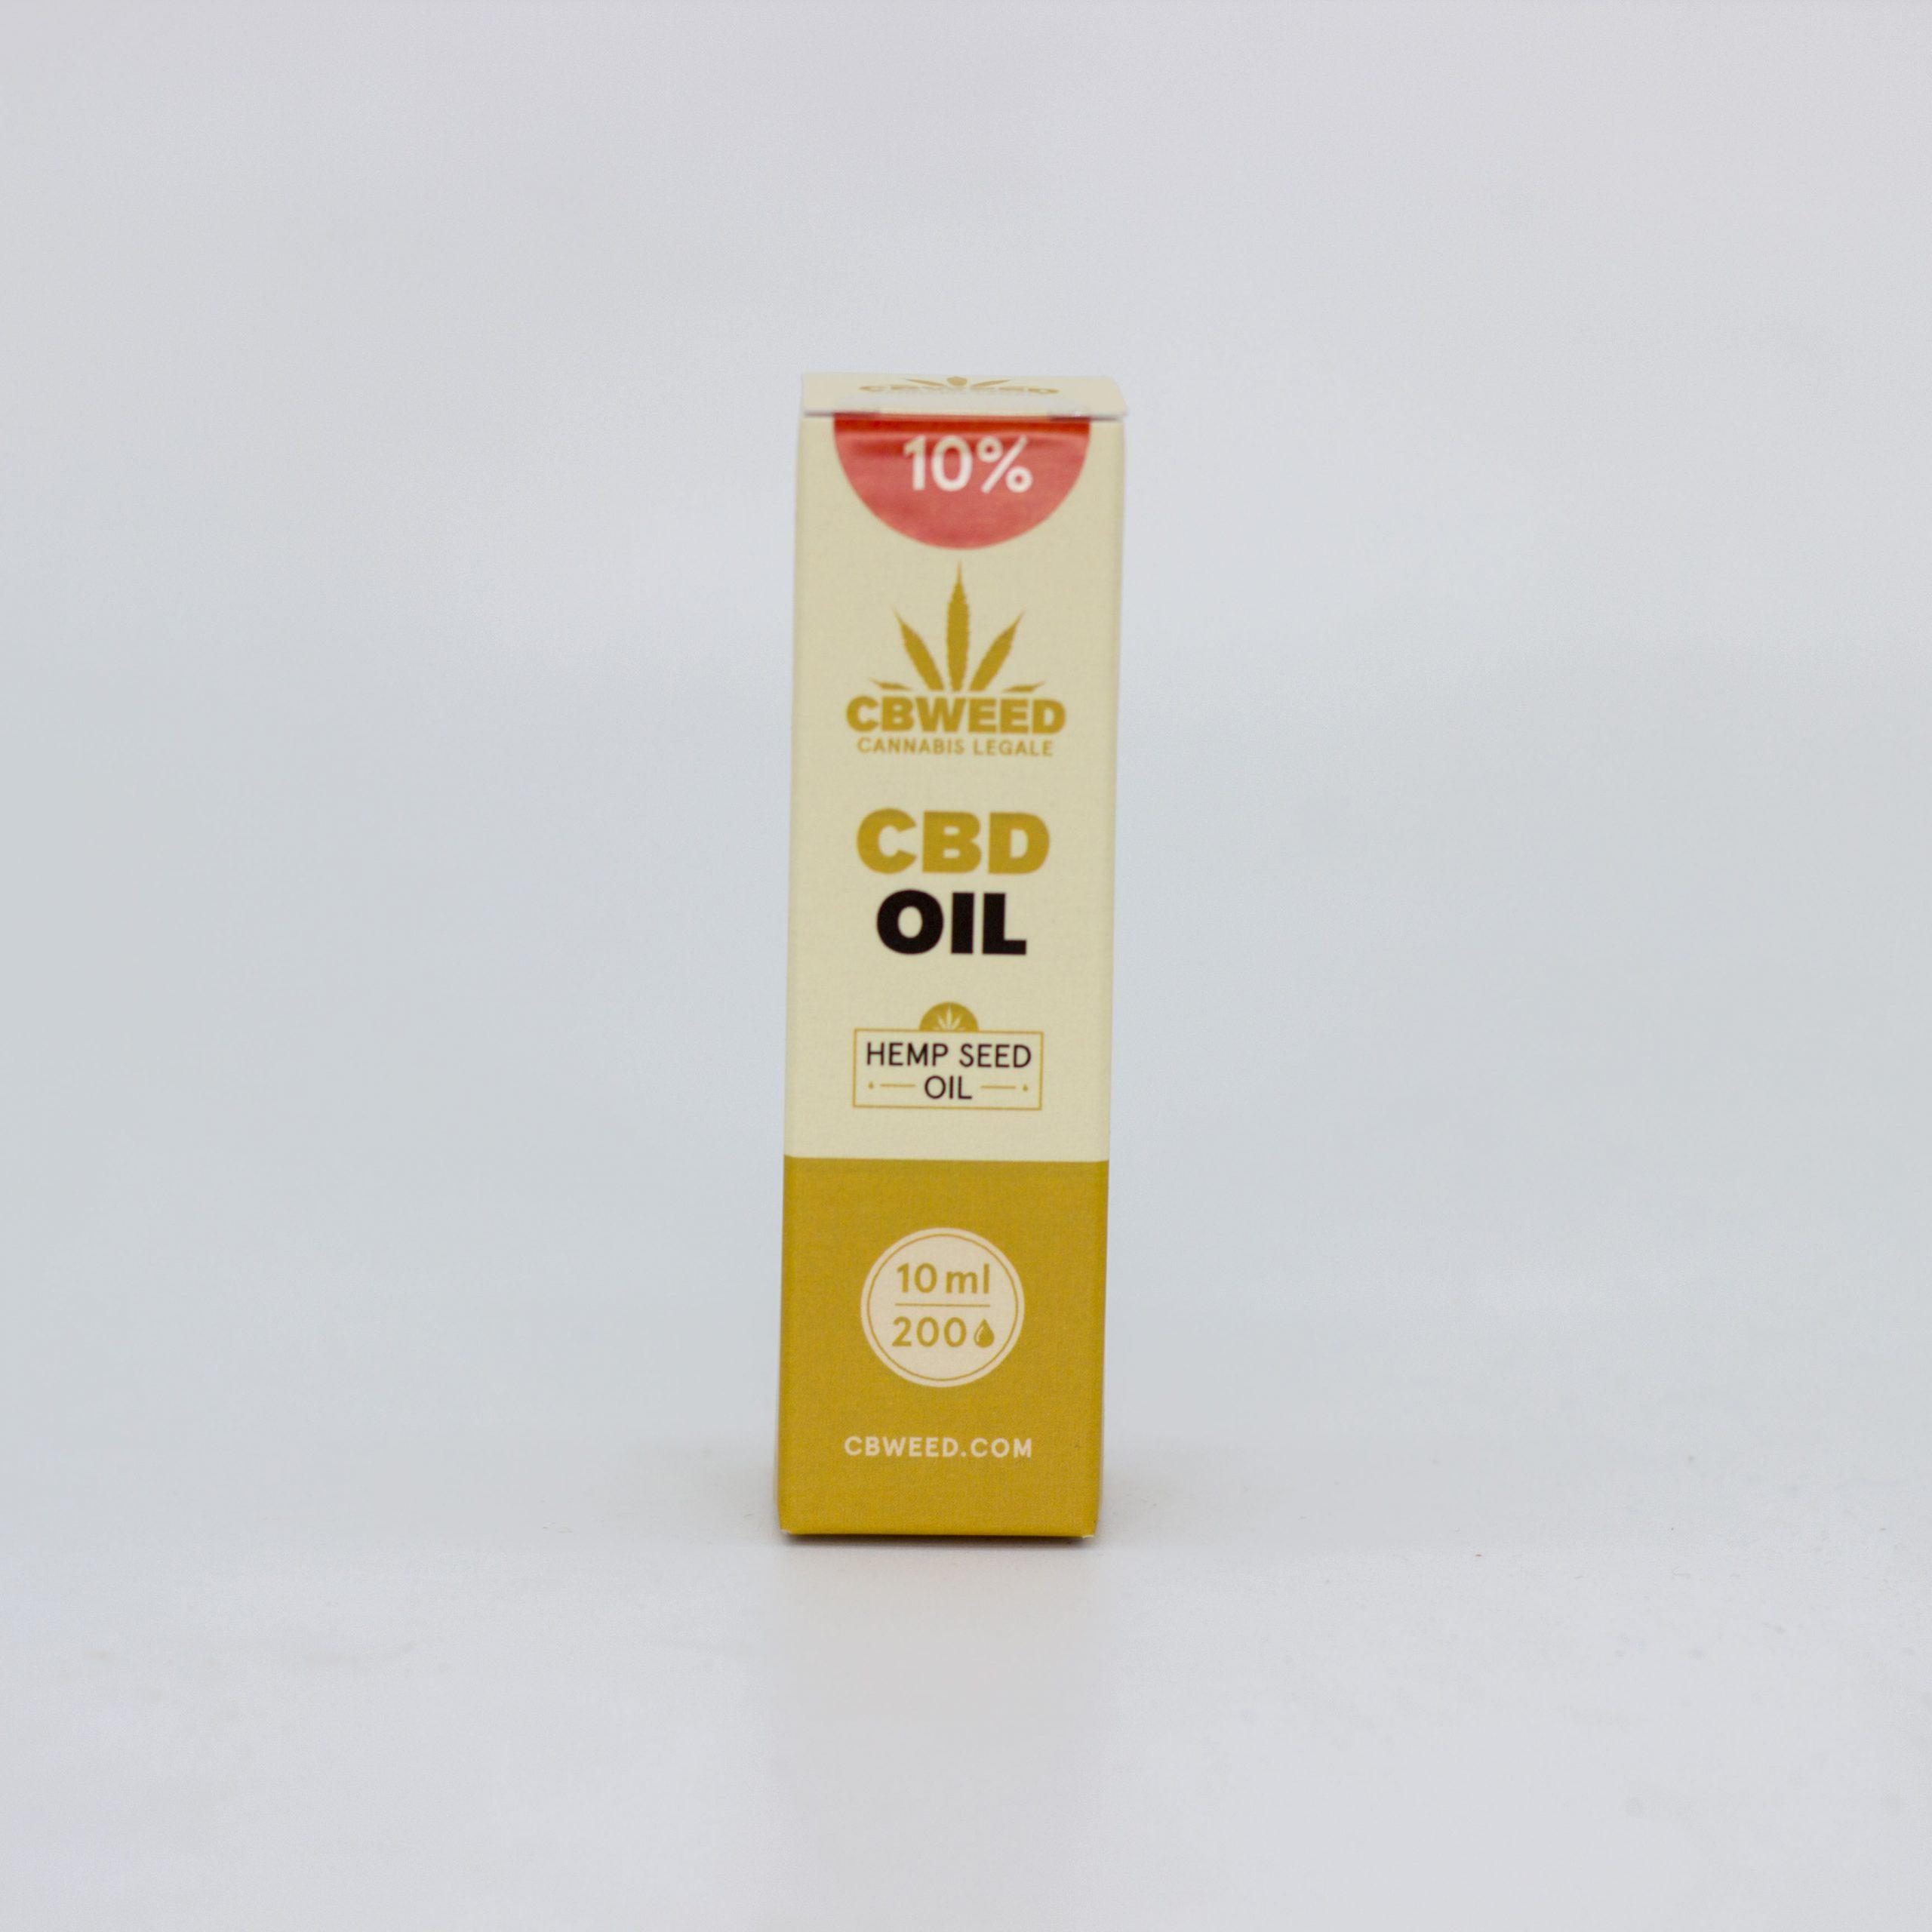 10� olio canapa scaled - Olio CBD con Olio di Semi di Canapa - 10% CBD - 10ml